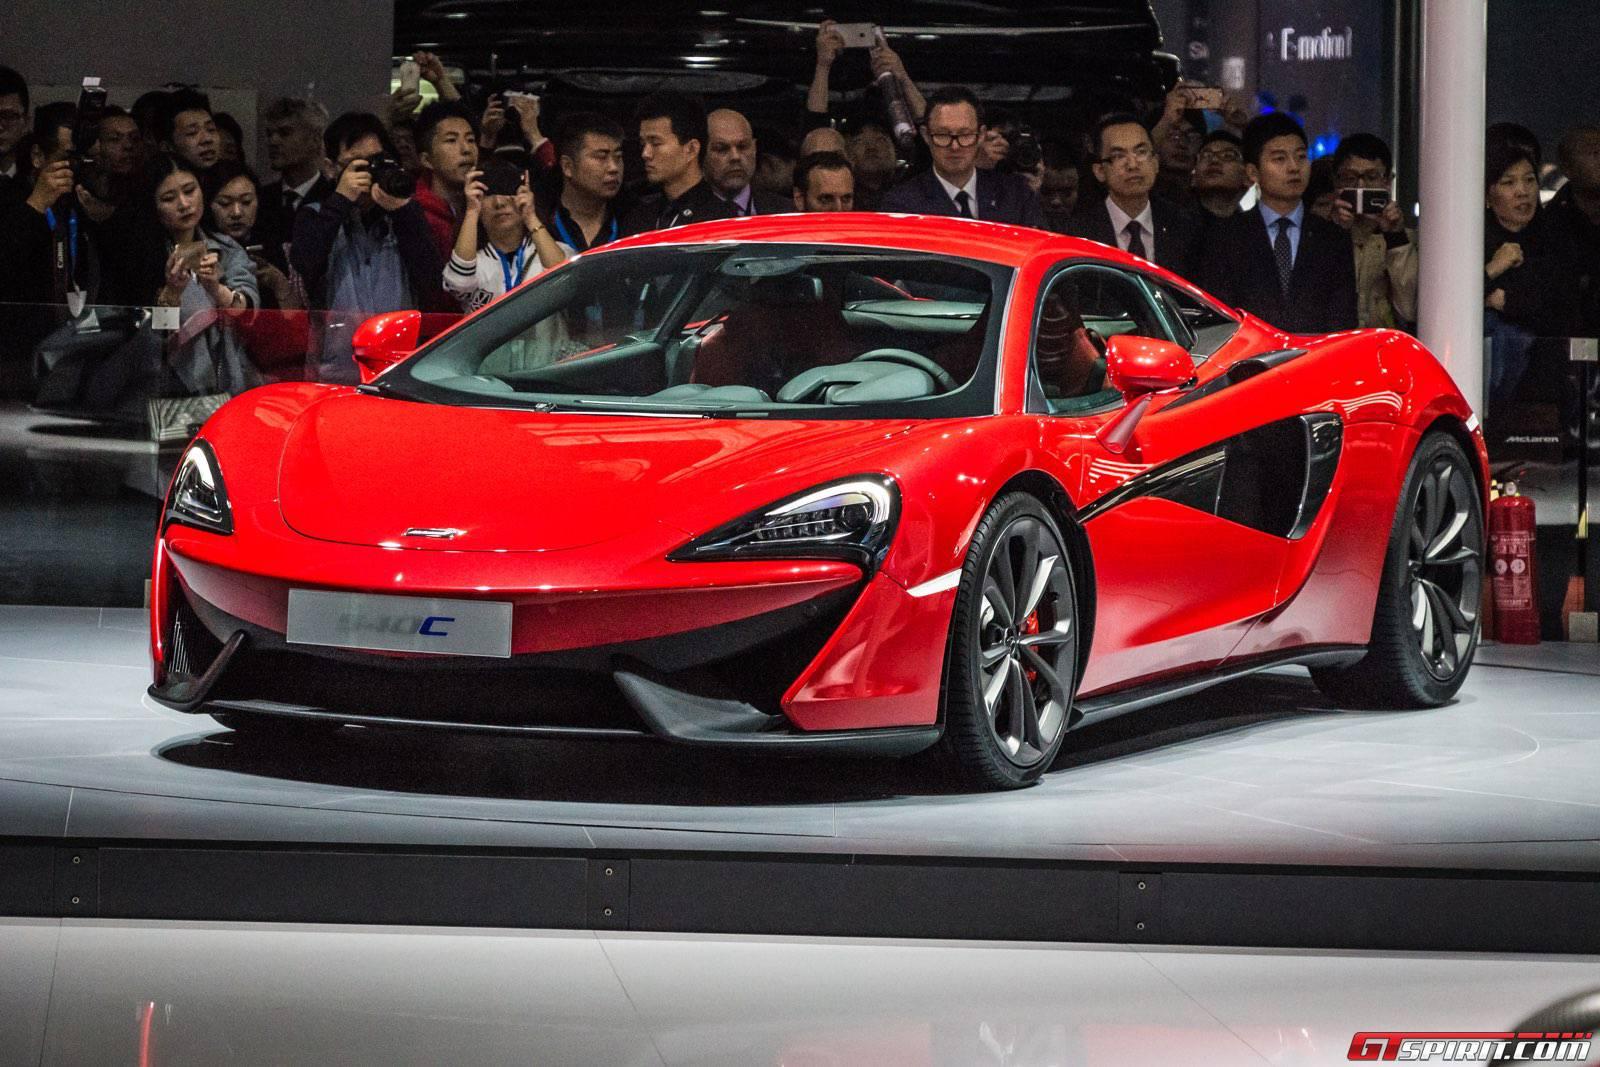 Lykan Hypersport Top View >> McLaren 540C Coupe Shunning U.S. Market - GTspirit